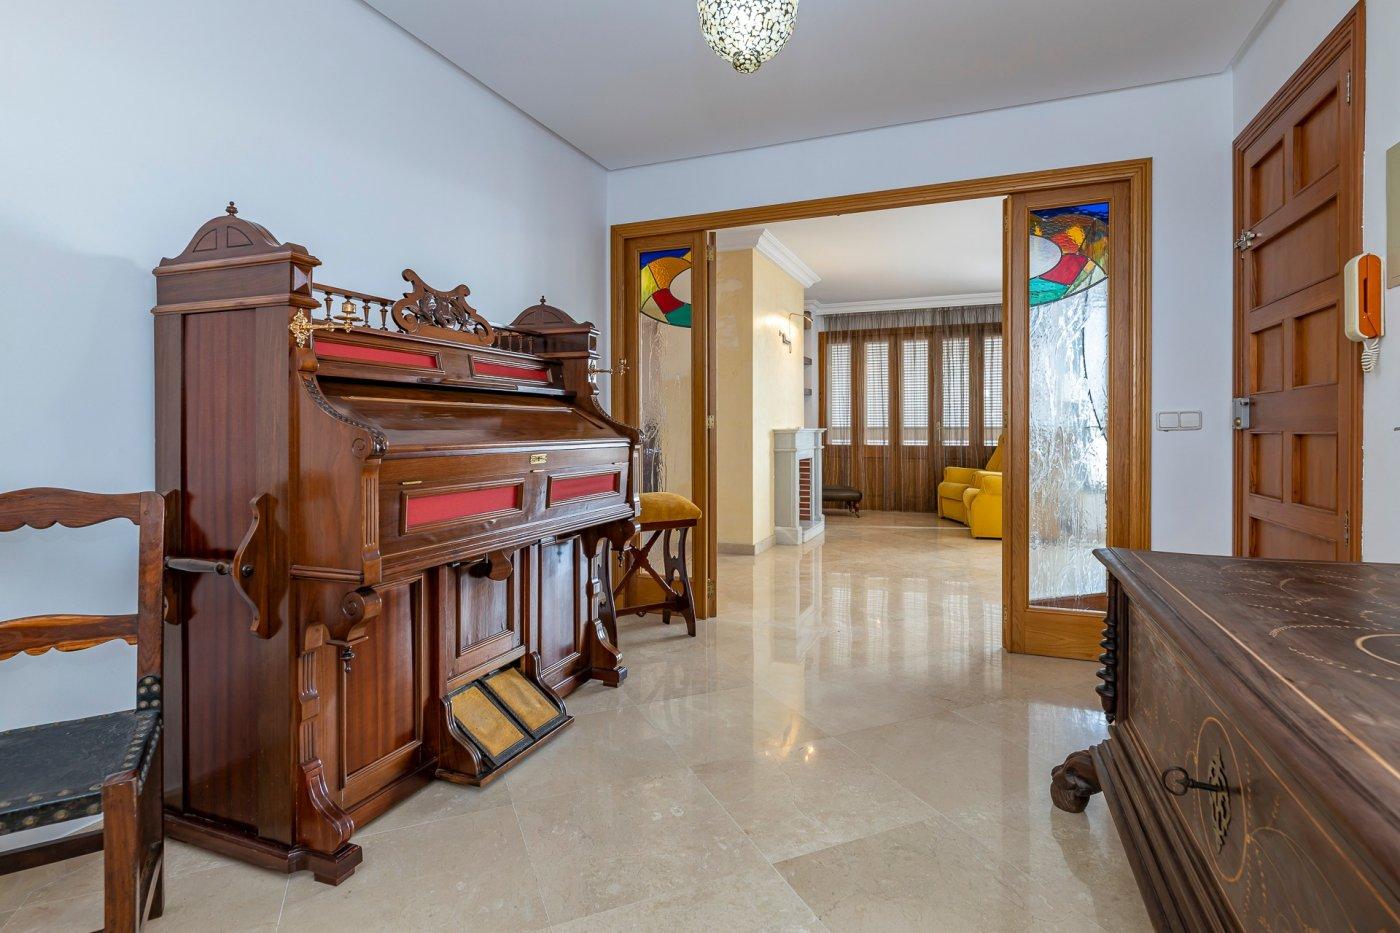 Espectacular piso de lujo en manacor - imagenInmueble4